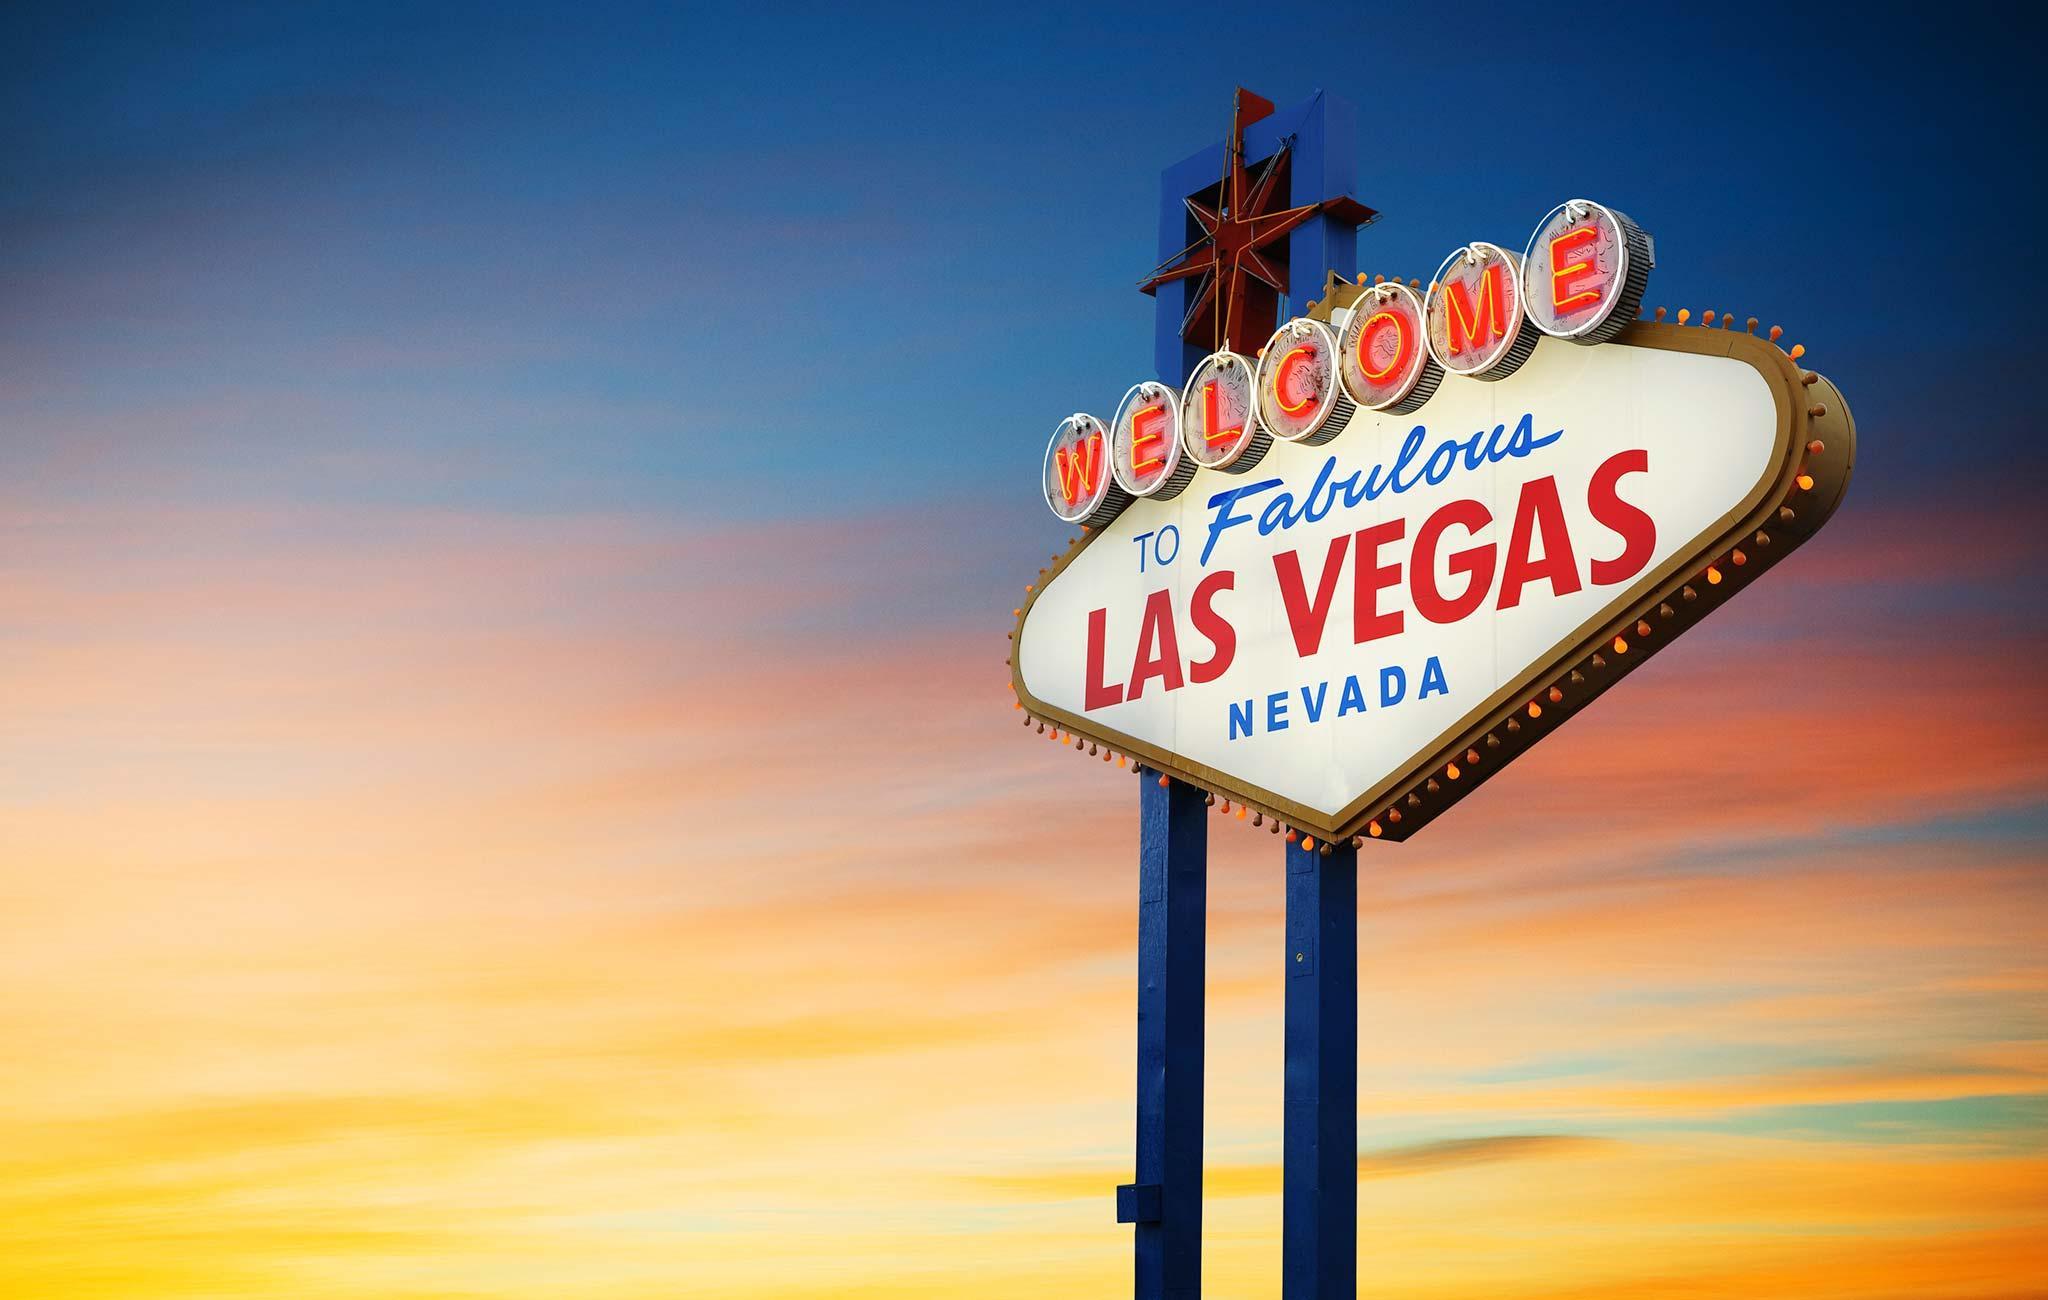 Jeux casino : et si vous vous tourniez vers Internet ?